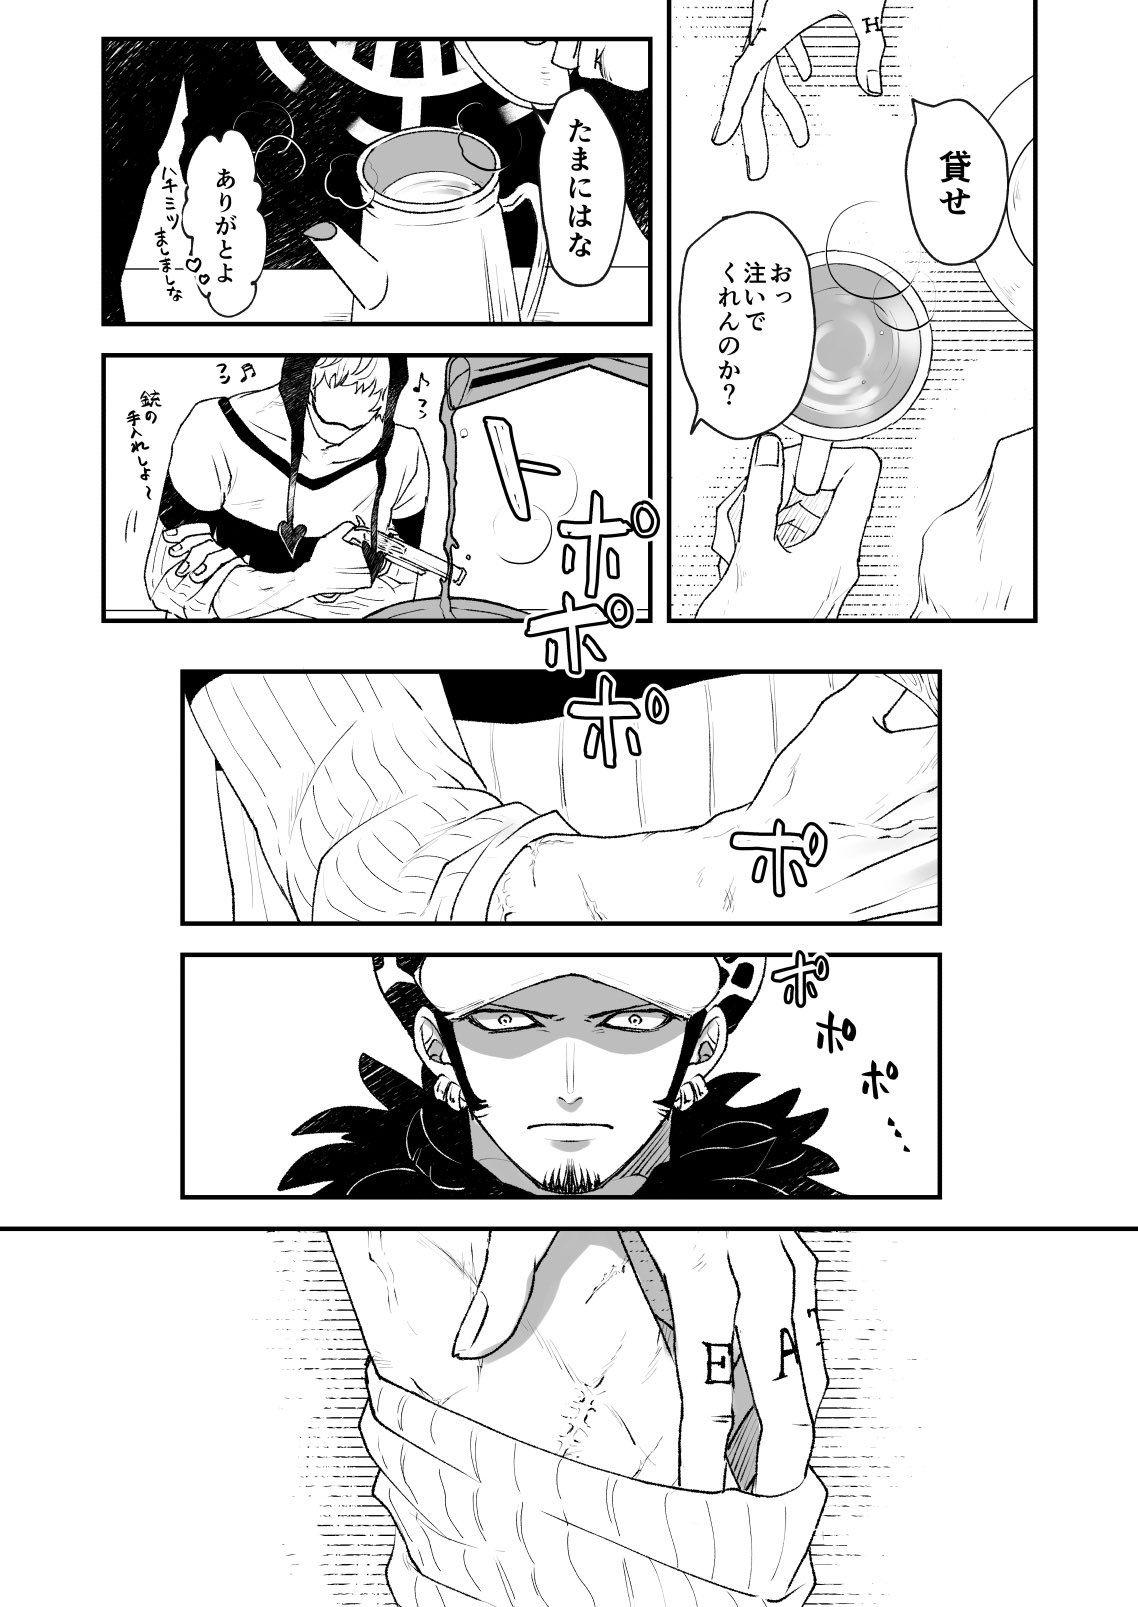 ガャ on twitter onepiece イラスト ロシナンテ 漫画